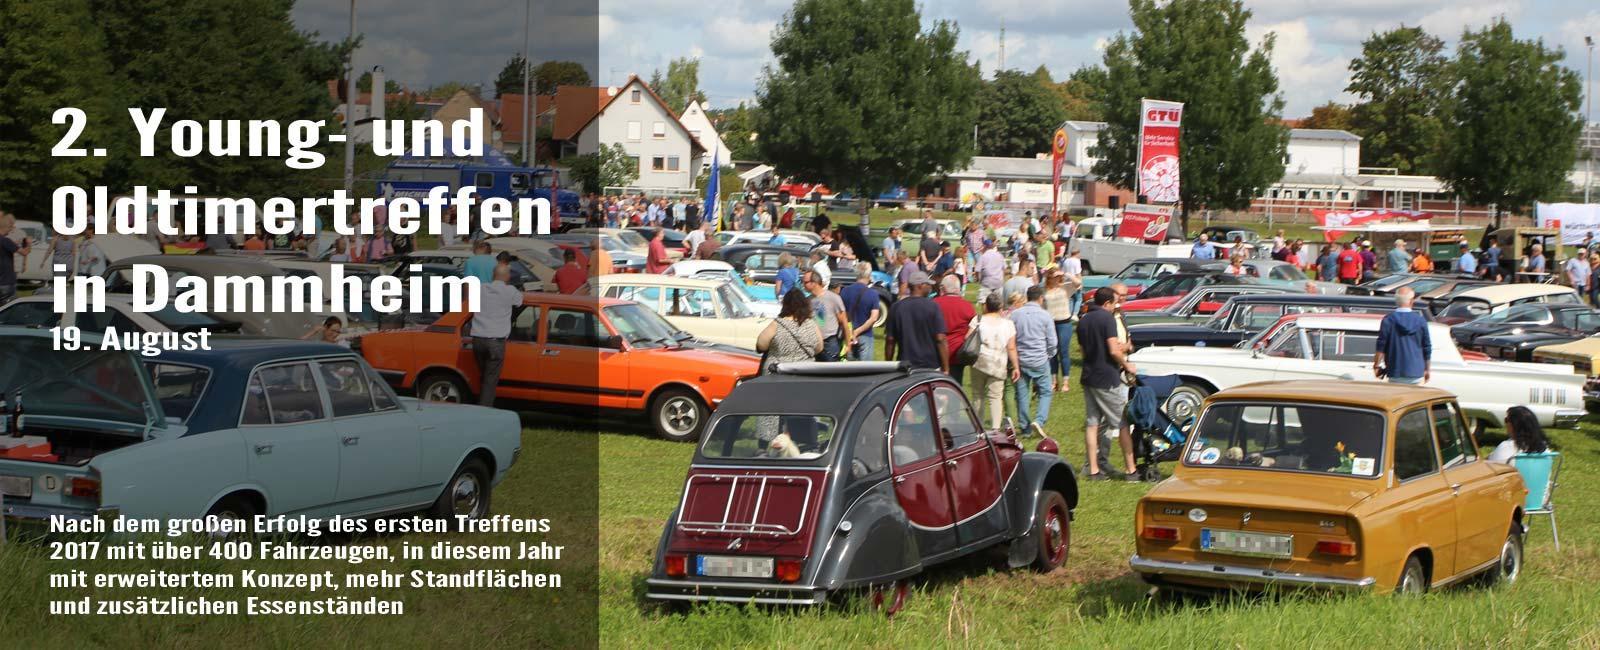 Oldtimertreffen 2018-Dammheim